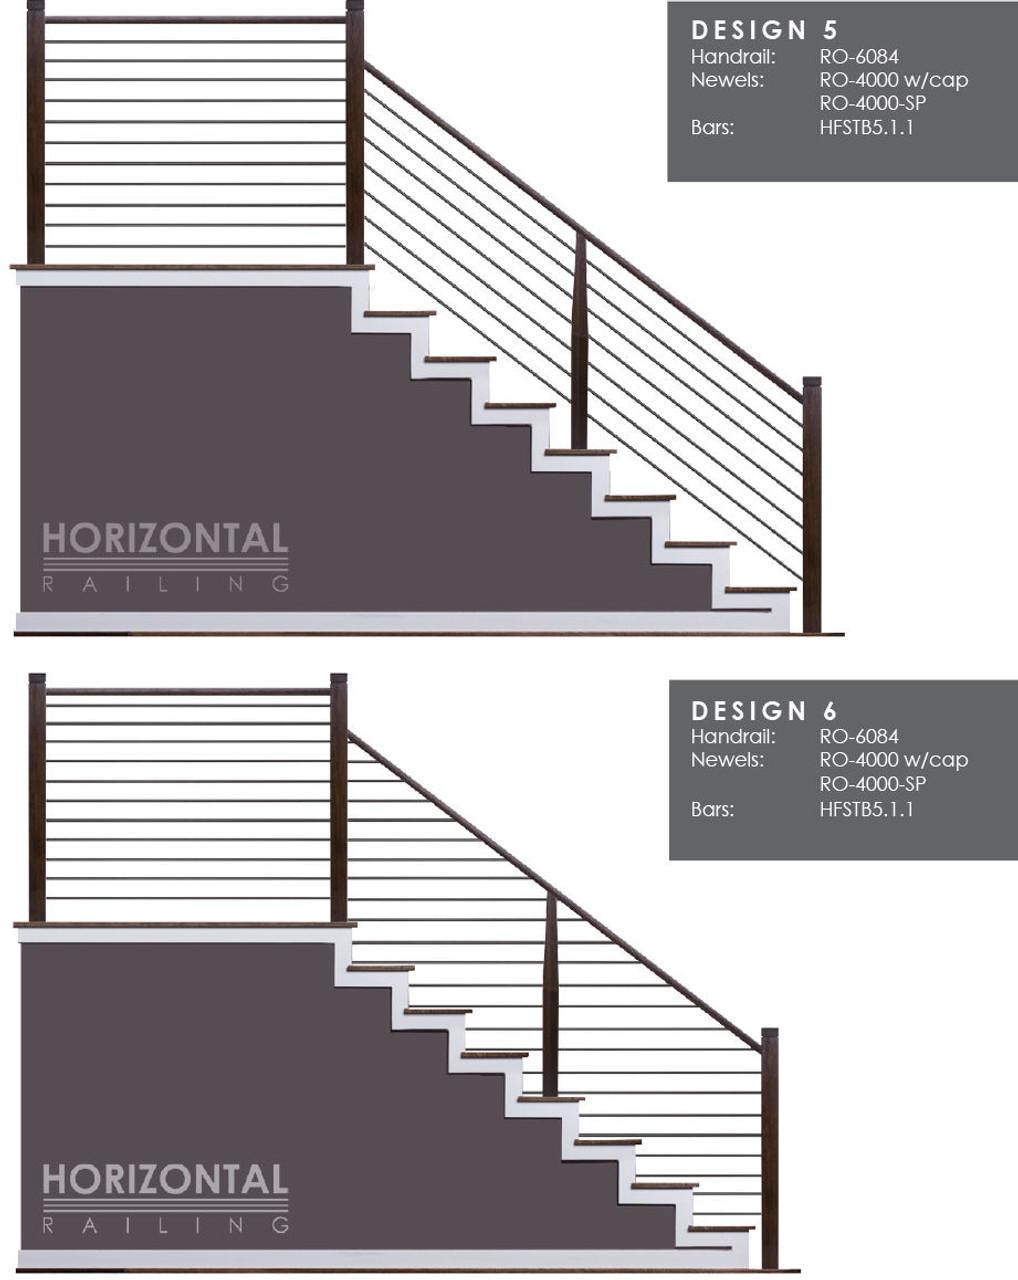 Horizontal Bar Design 5 and 6